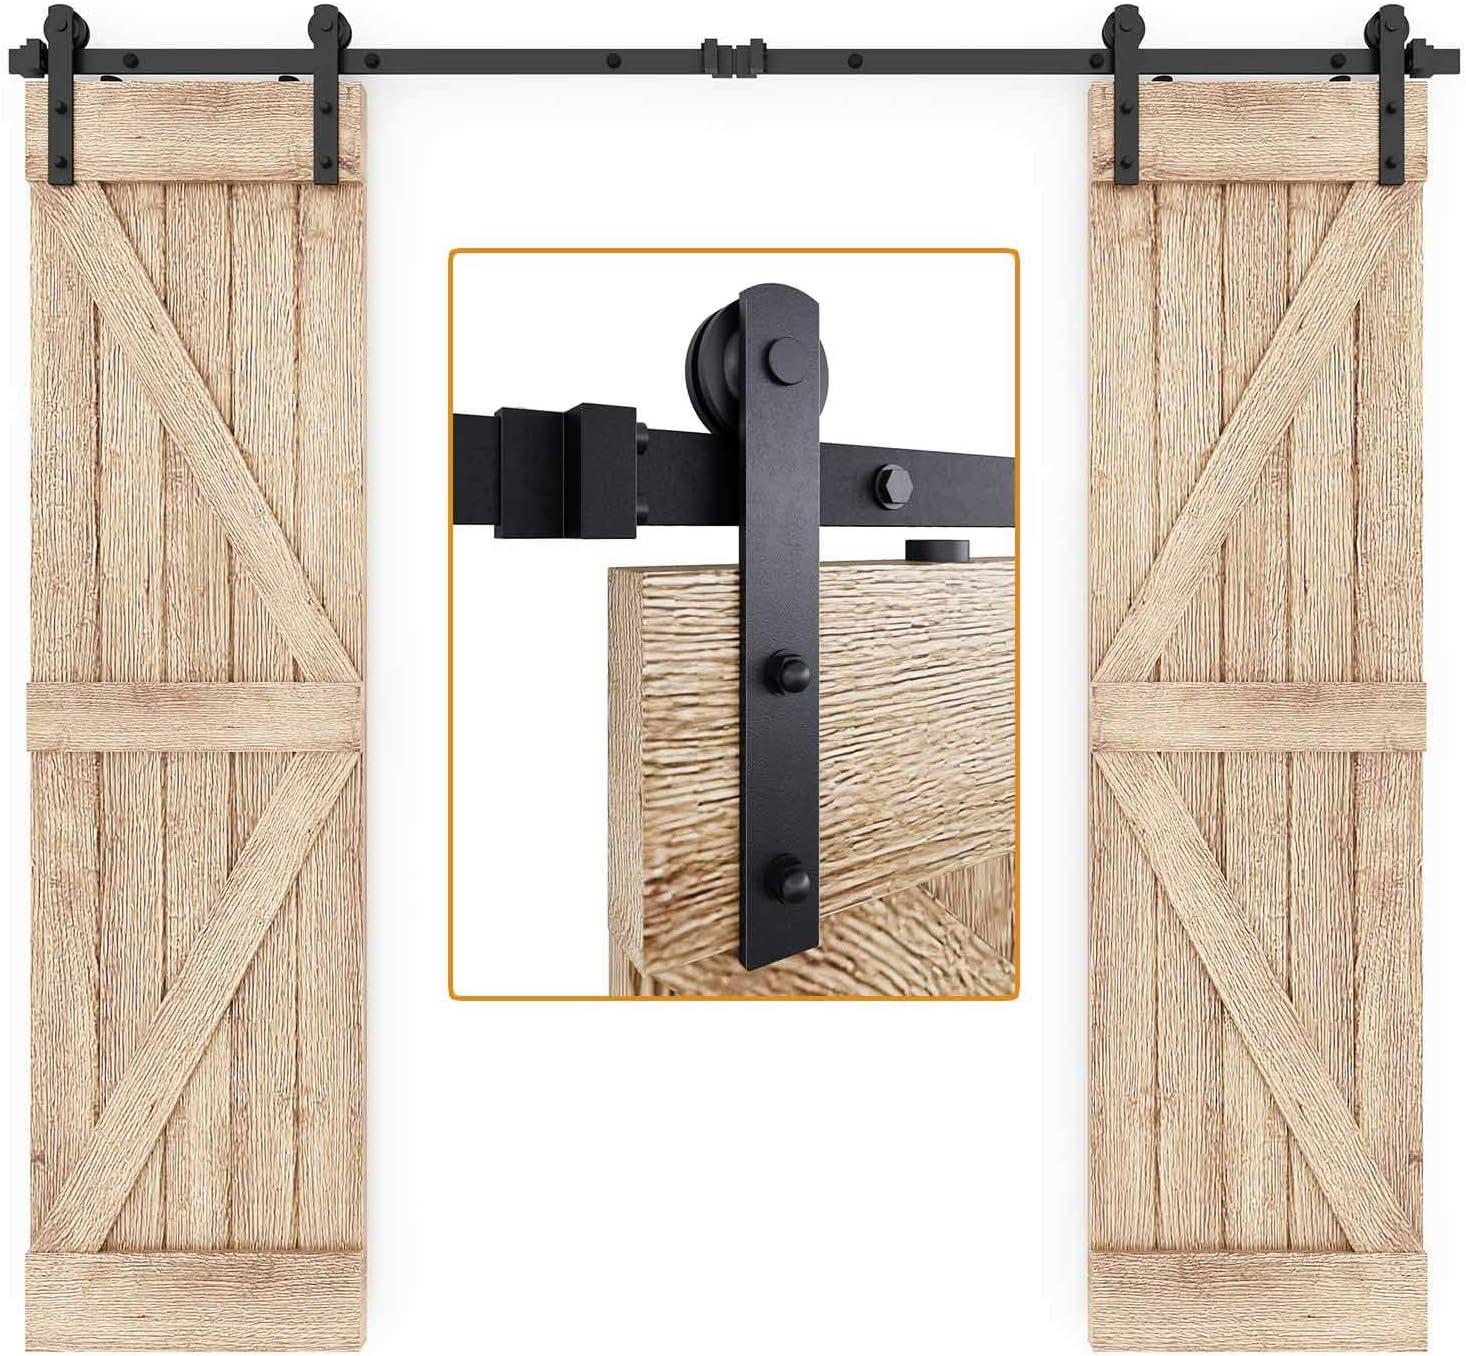 8 Foot barn Door Hardware